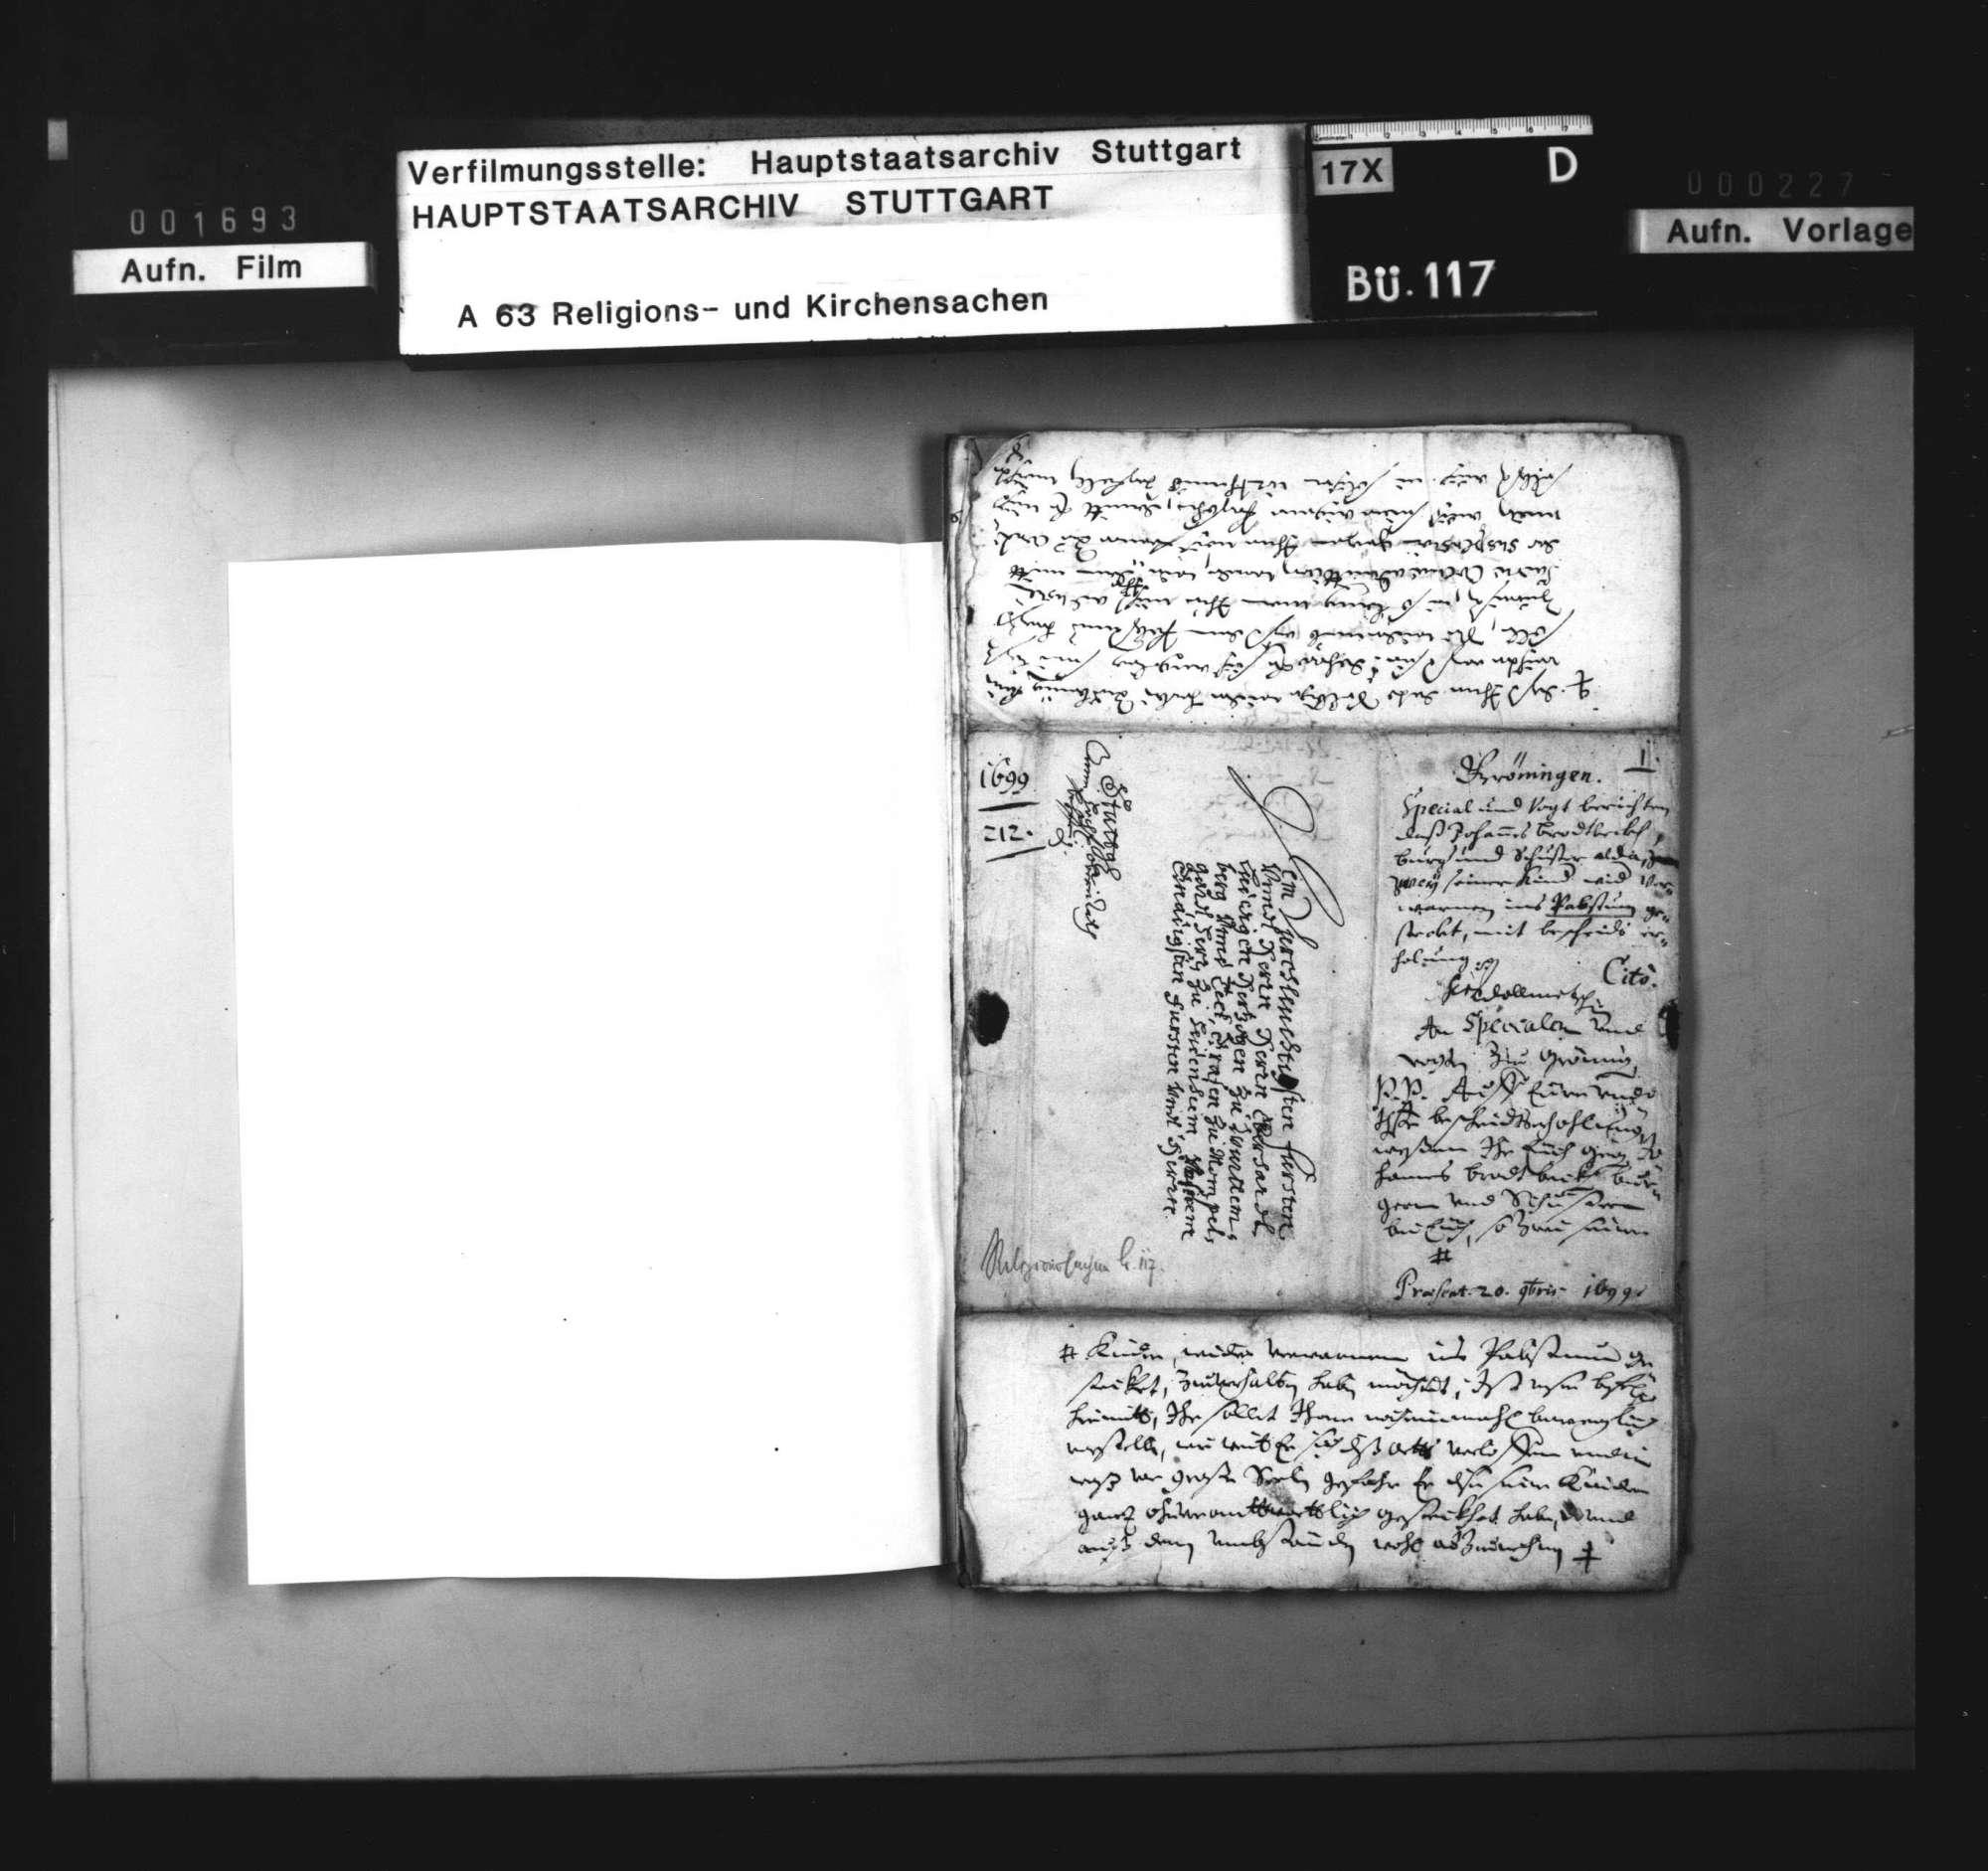 Schriften, betreffend das Verfahren gegen einen Markgröninger Bürger, der seine Kinder in der Schweiz katholisch erziehen ließ., Bild 3